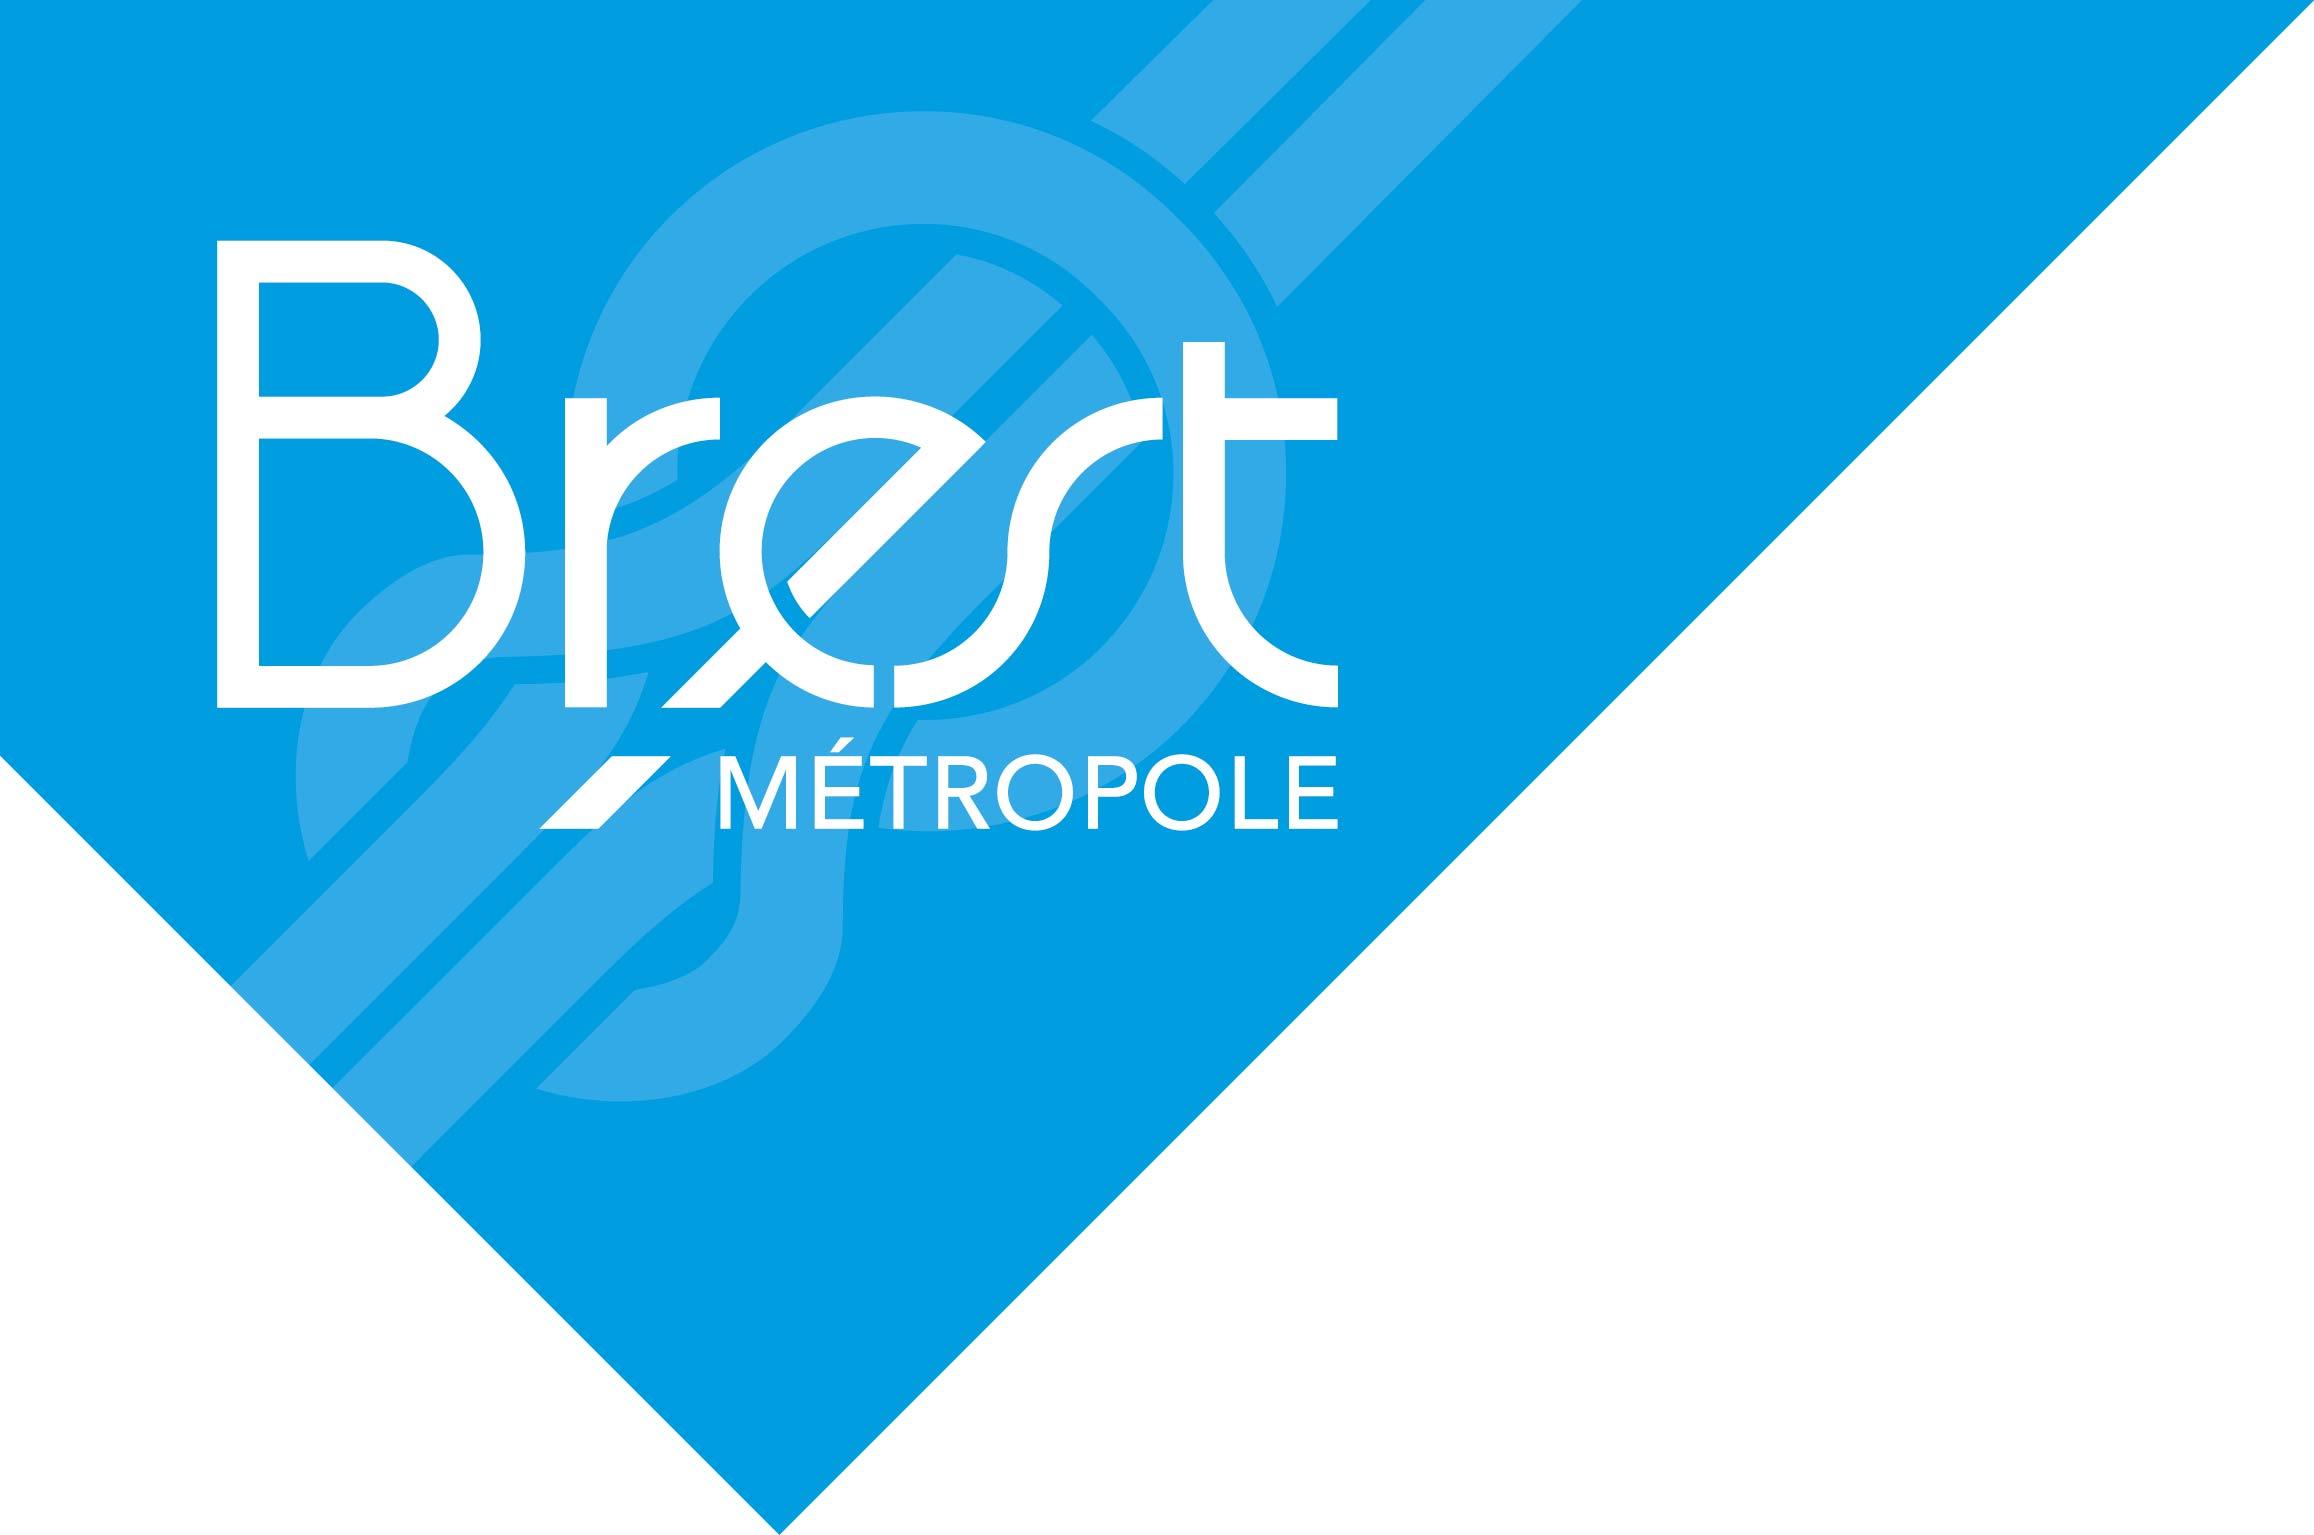 Liste des arrêts, horaires et parcours de tous les bus et tramways circulant sur le territoire de Brest métropole